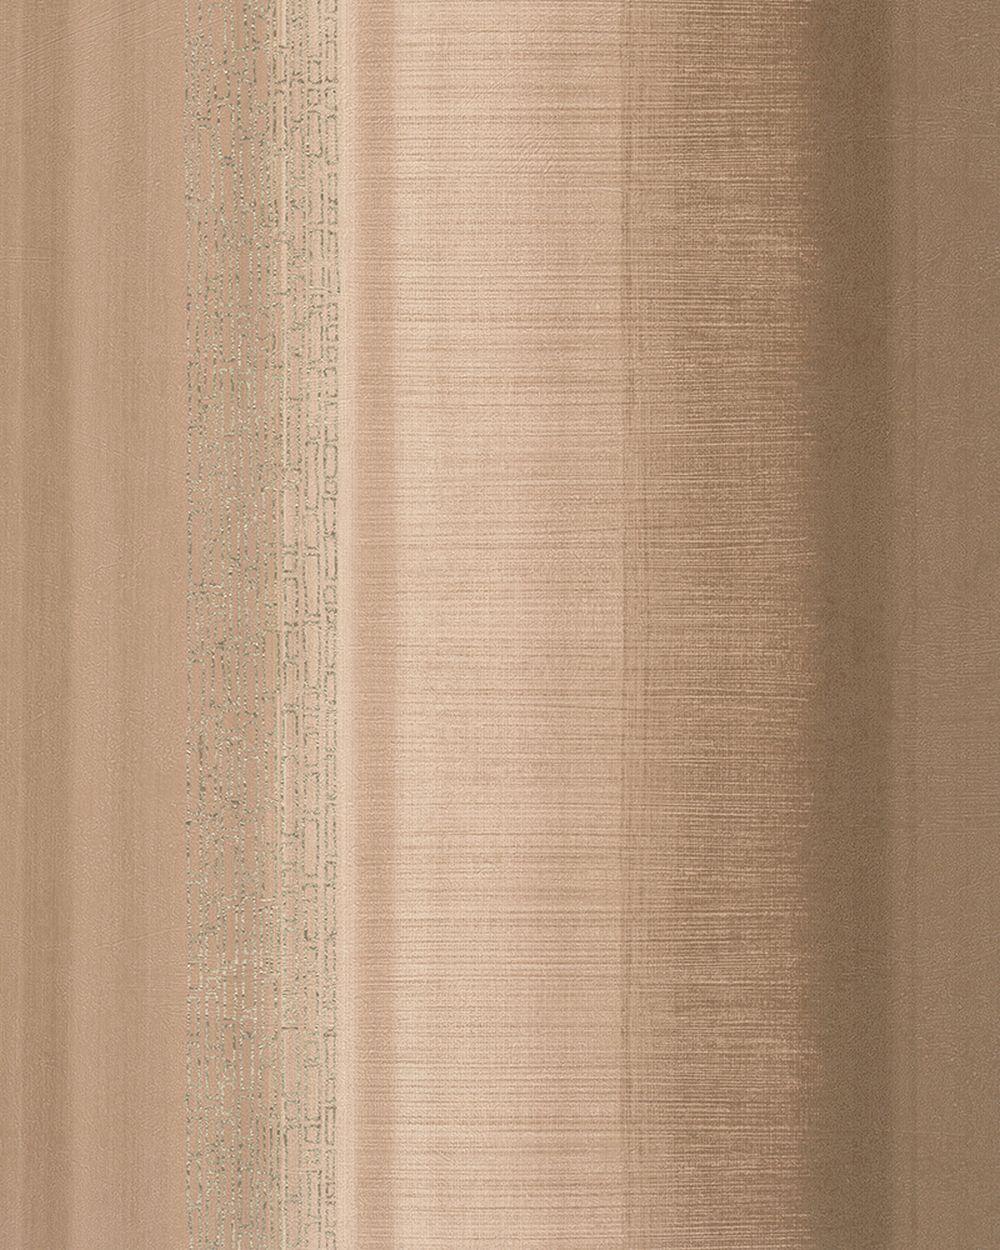 Tapete Vlies Streifen beige braun Metallic Marburg 59321